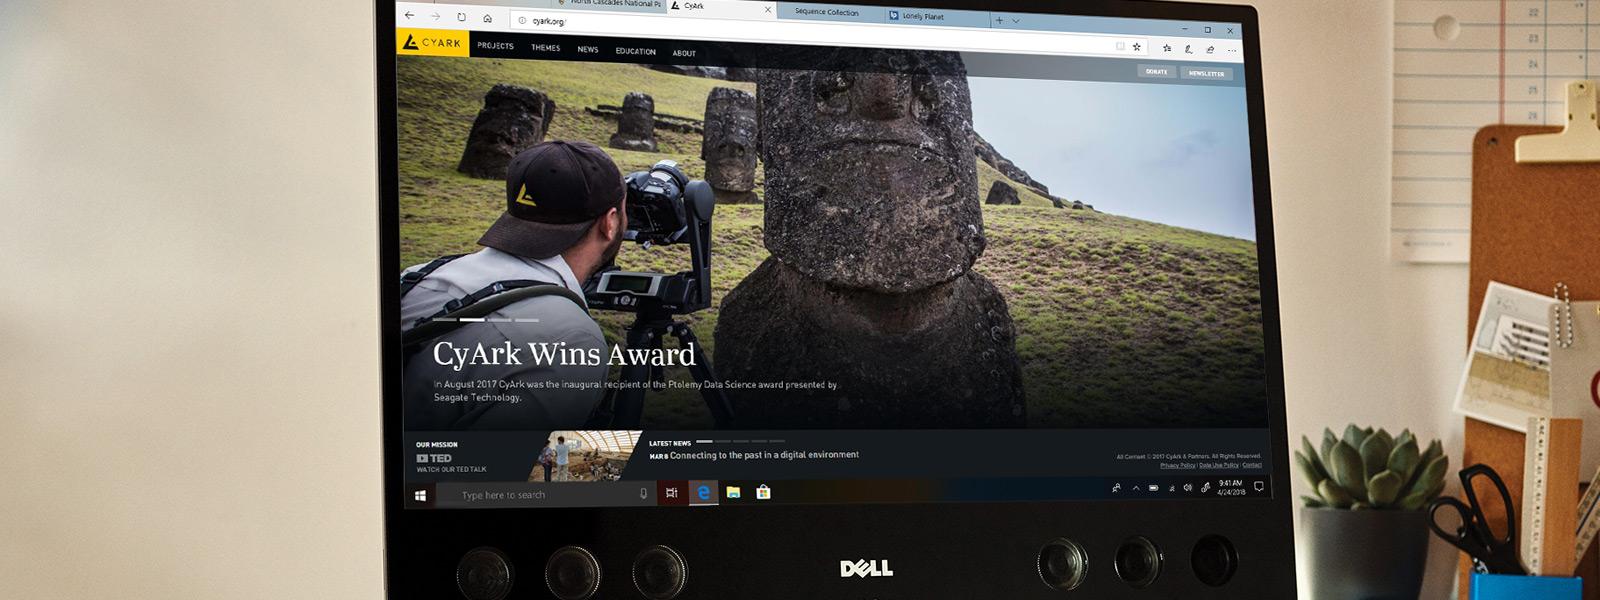 """Ant stalo stovi kompiuterio monitorius, kuriame atidaryta """"Microsoft Edge"""" naršyklė, rodanti 4K """"Ultra HD"""" vaizdo įrašą"""